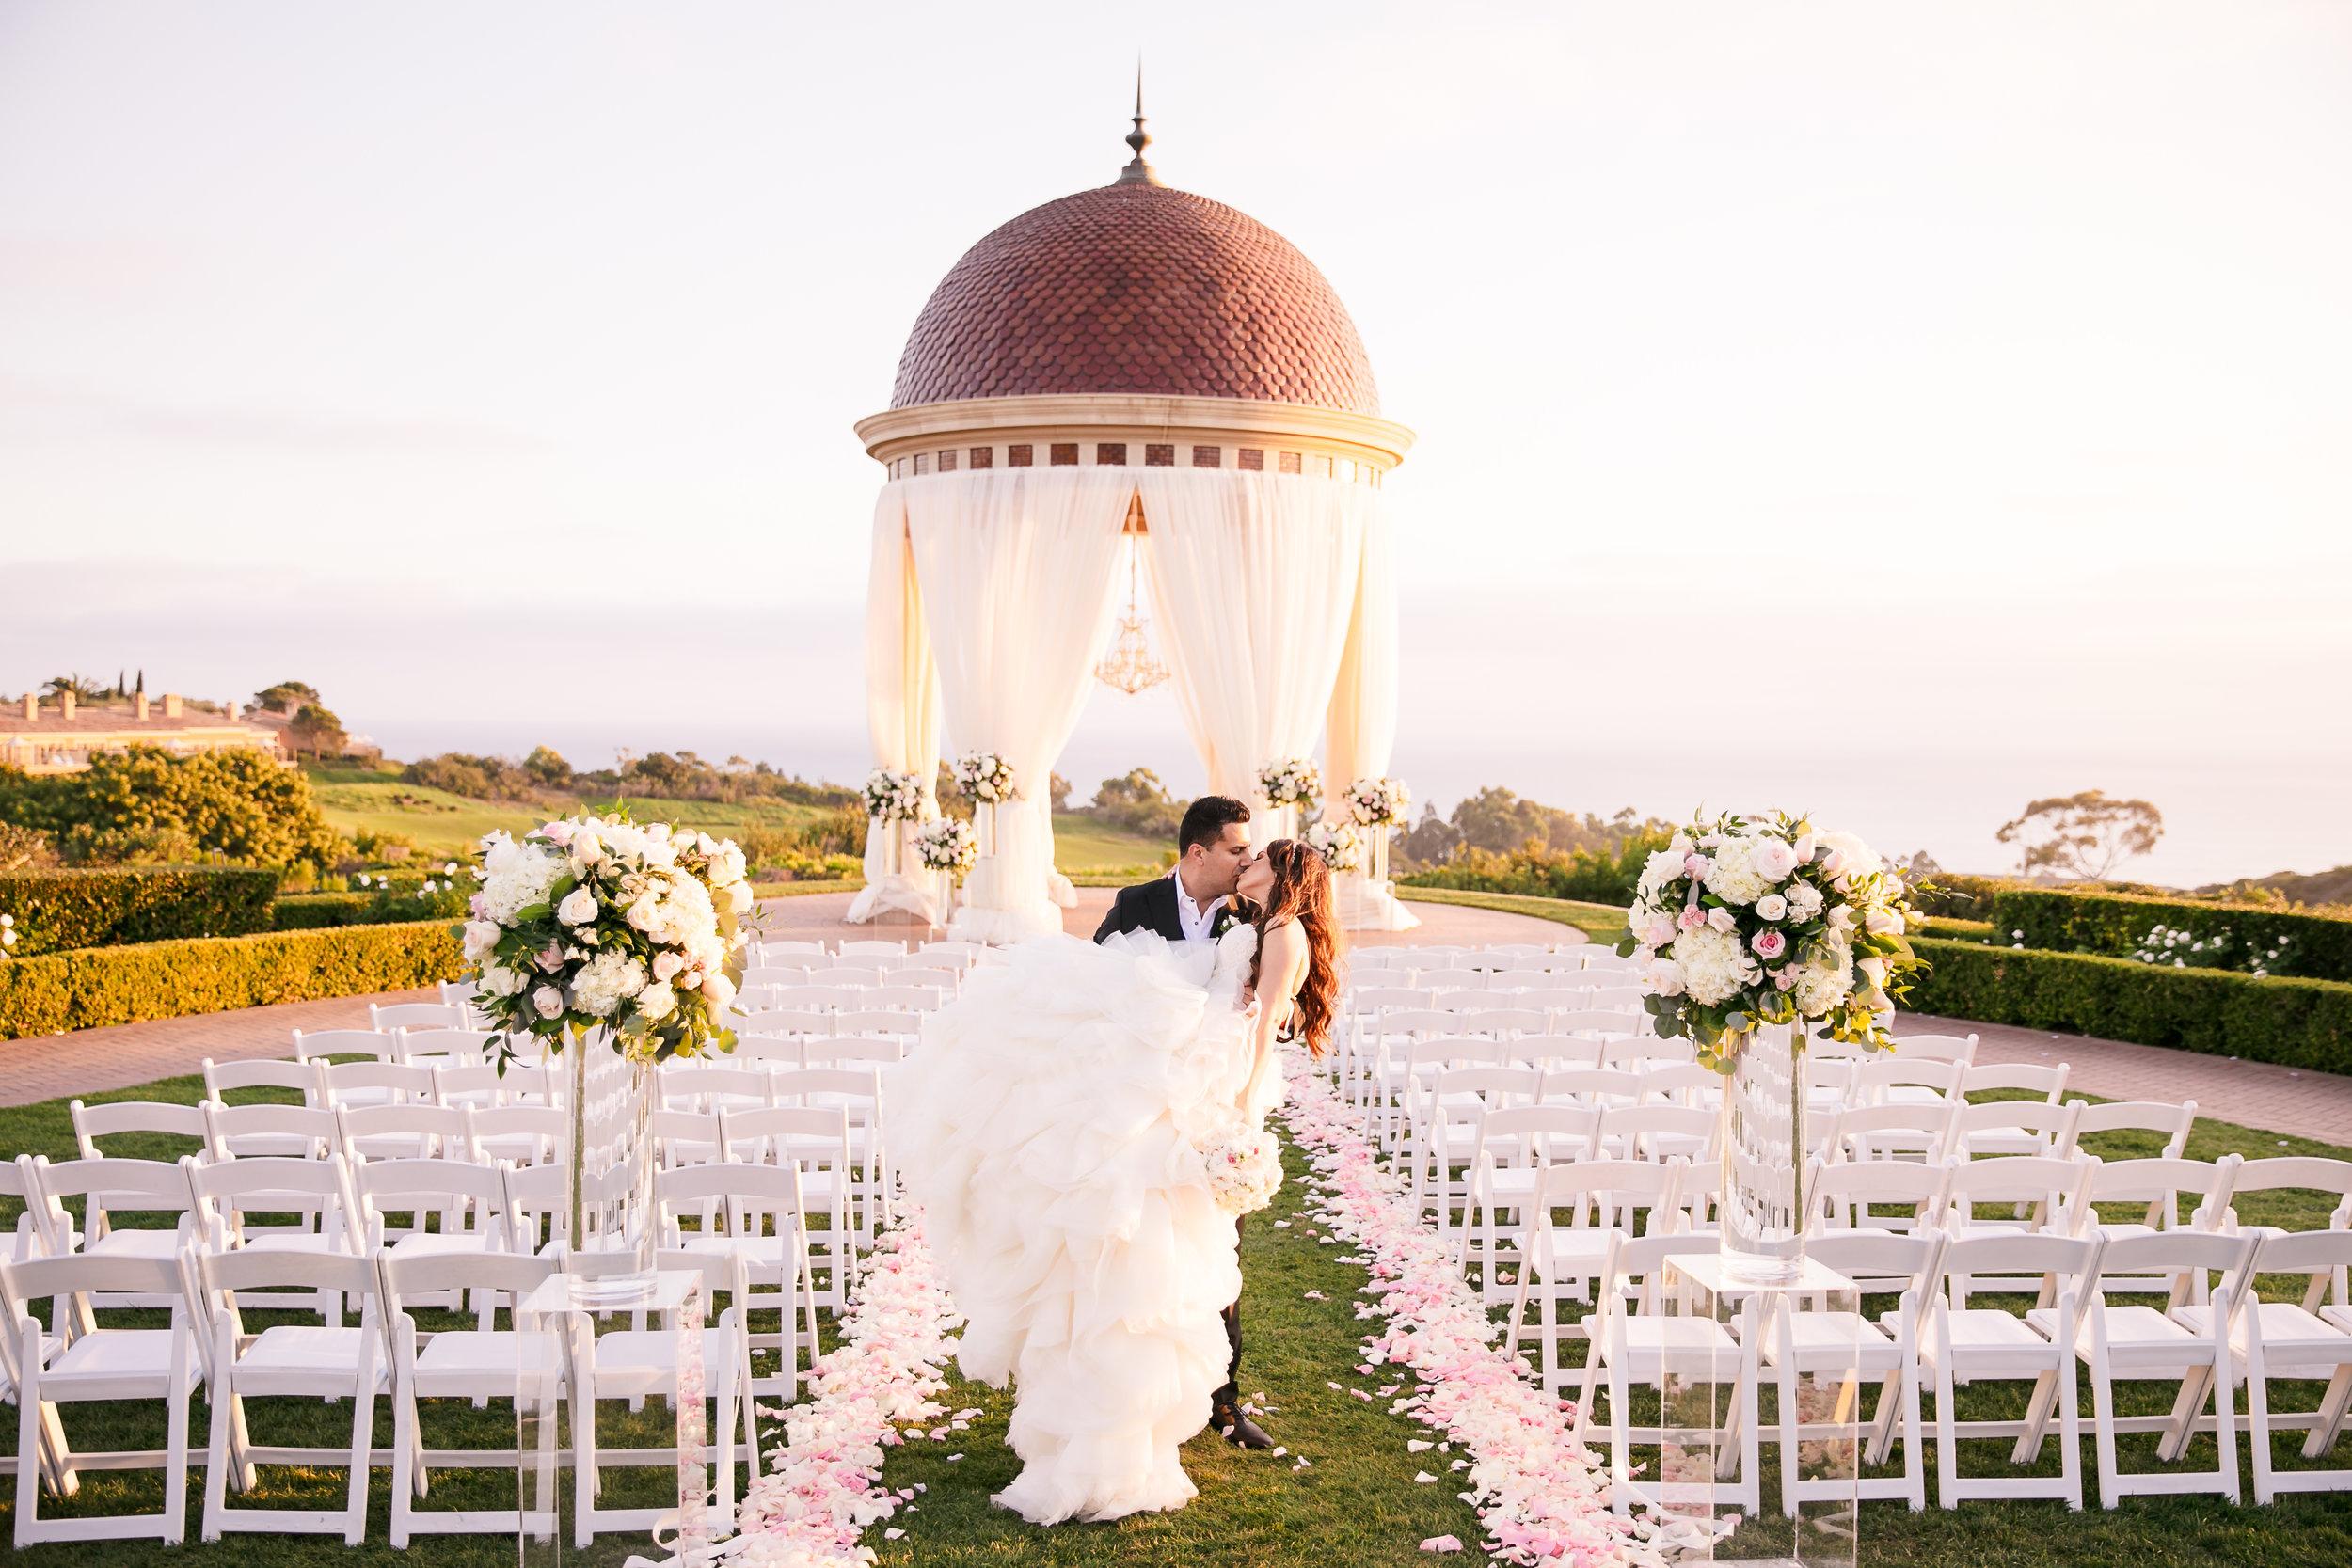 389-MT-Pelican-Hill-Newport-Beach-Wedding-Photography.jpg